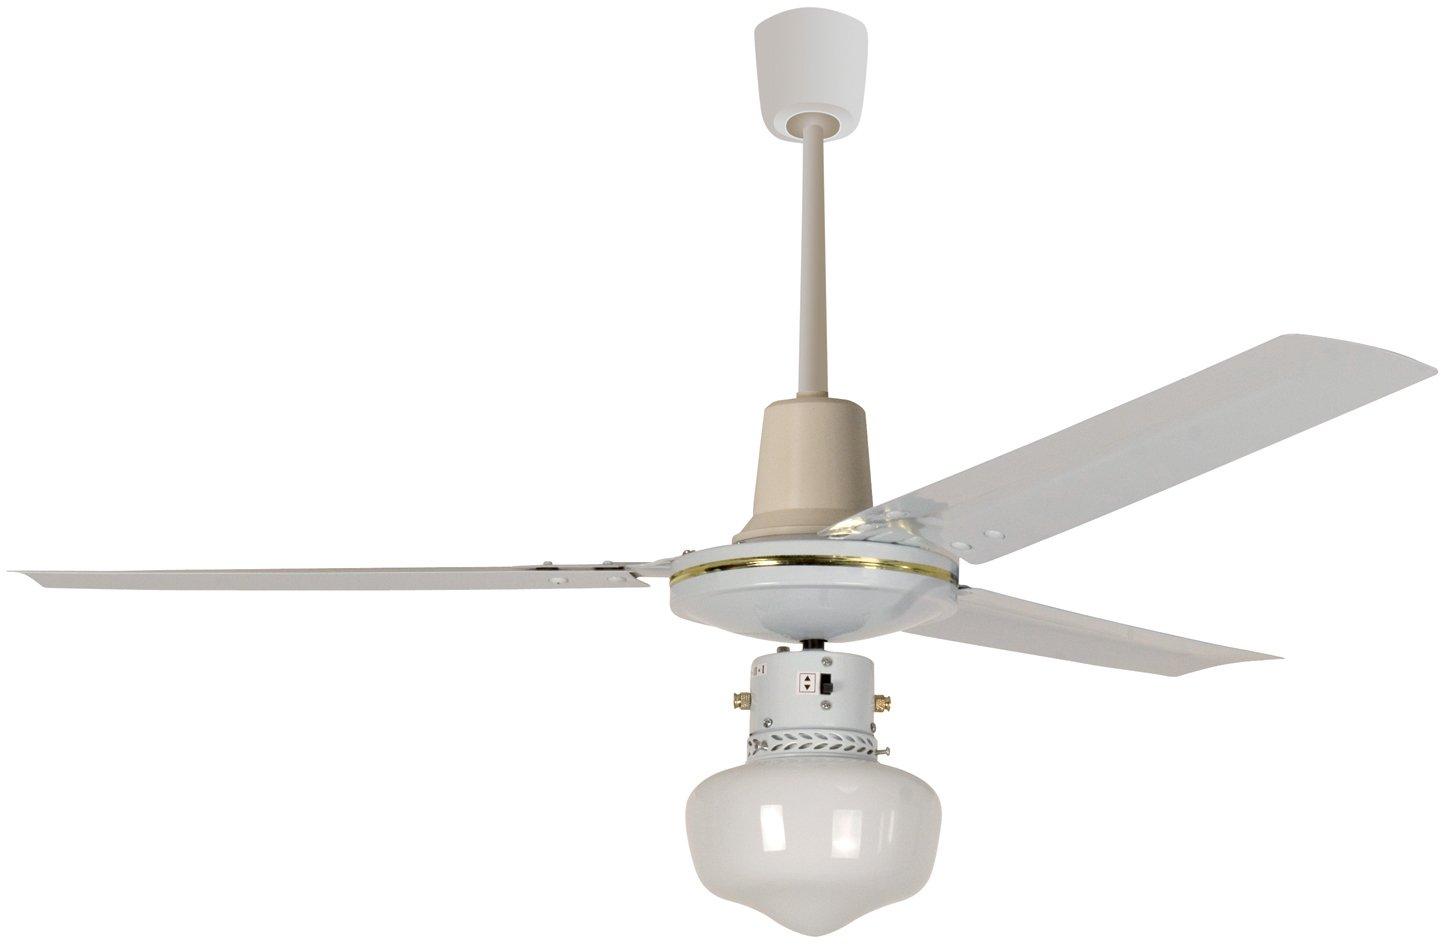 Plafoniere Con Pale : Howell vs ventilatore a soffitto con comando muro watt